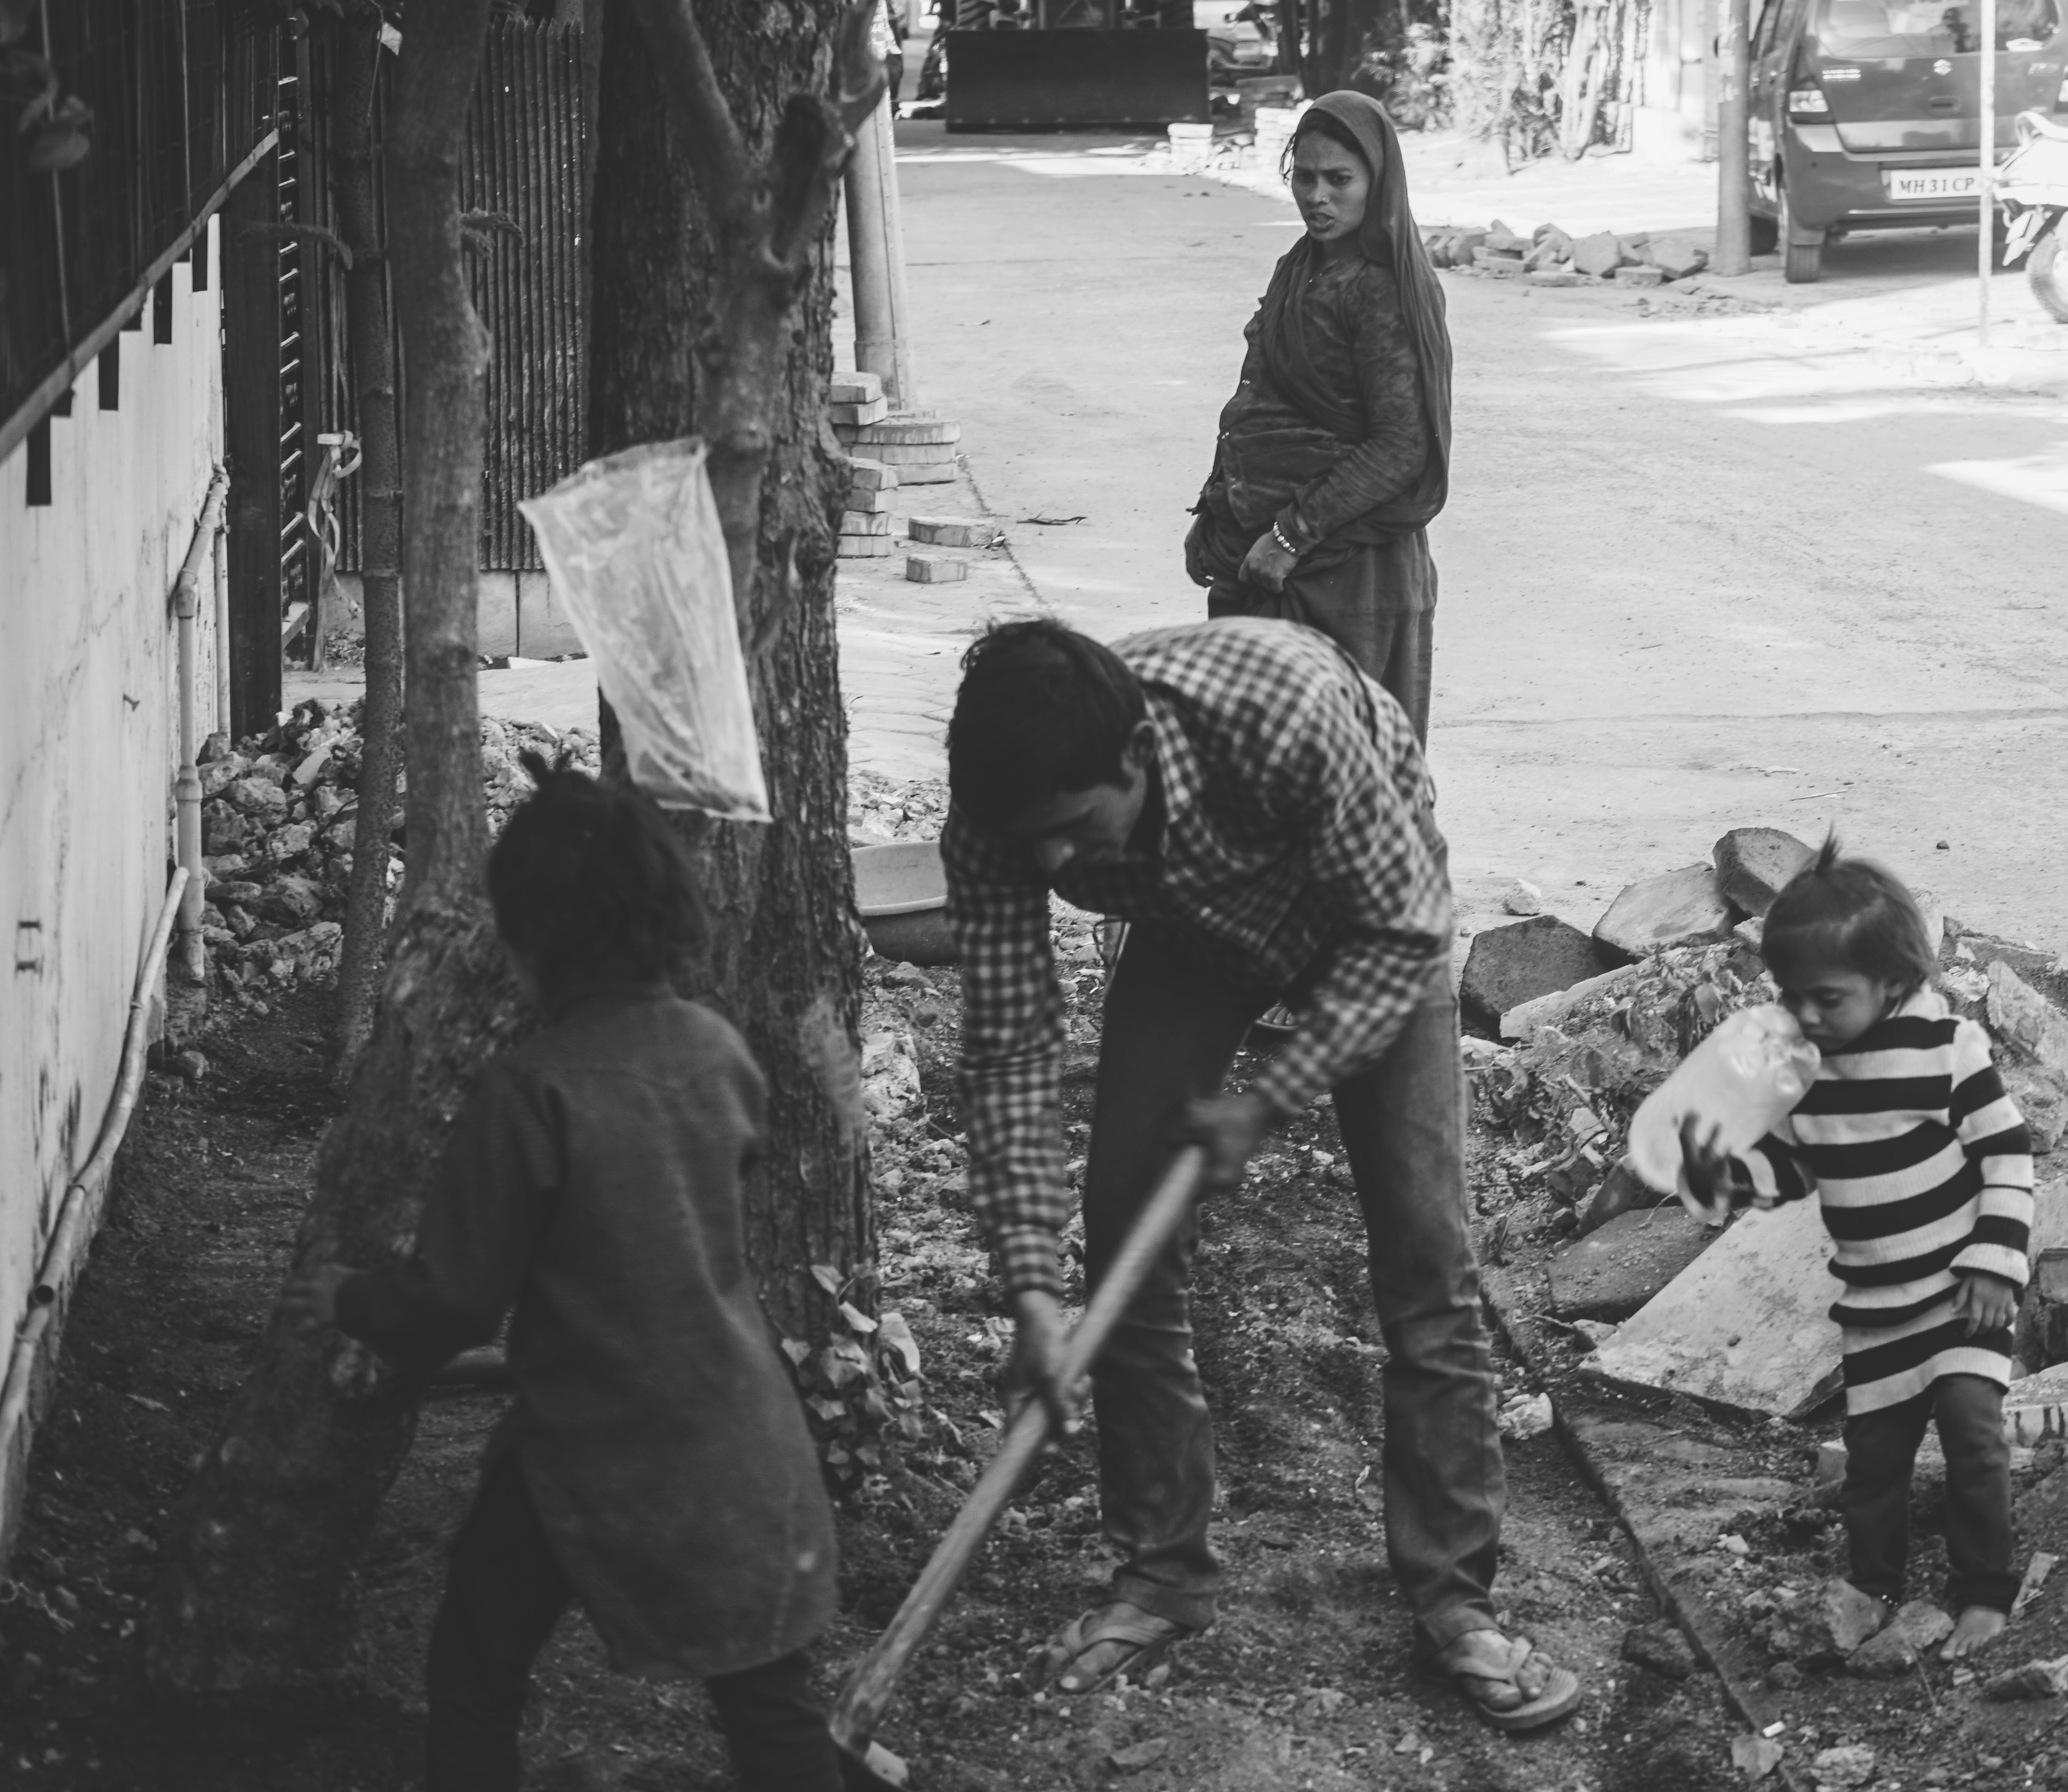 Gratis lagerfoto af arbejde, familie, hårdt liv, Indien